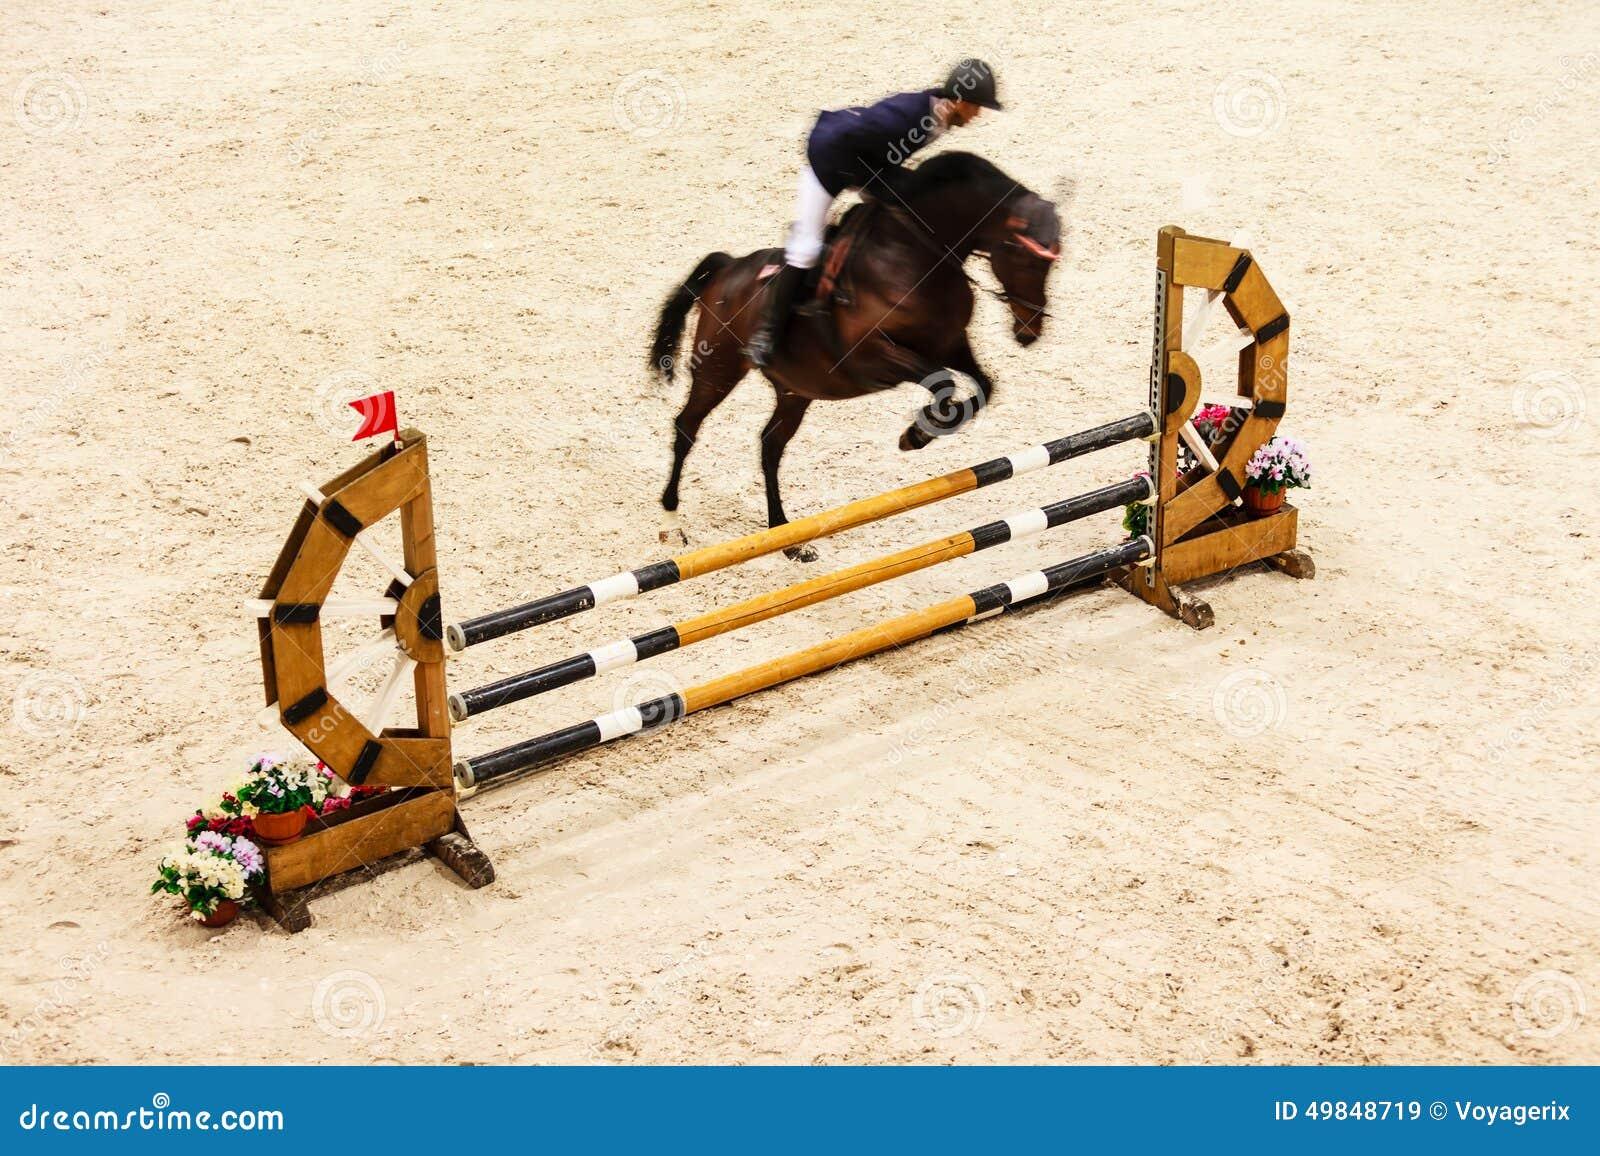 Equitation mostri il salto, il cavallo ed il cavaliere sopra il salto